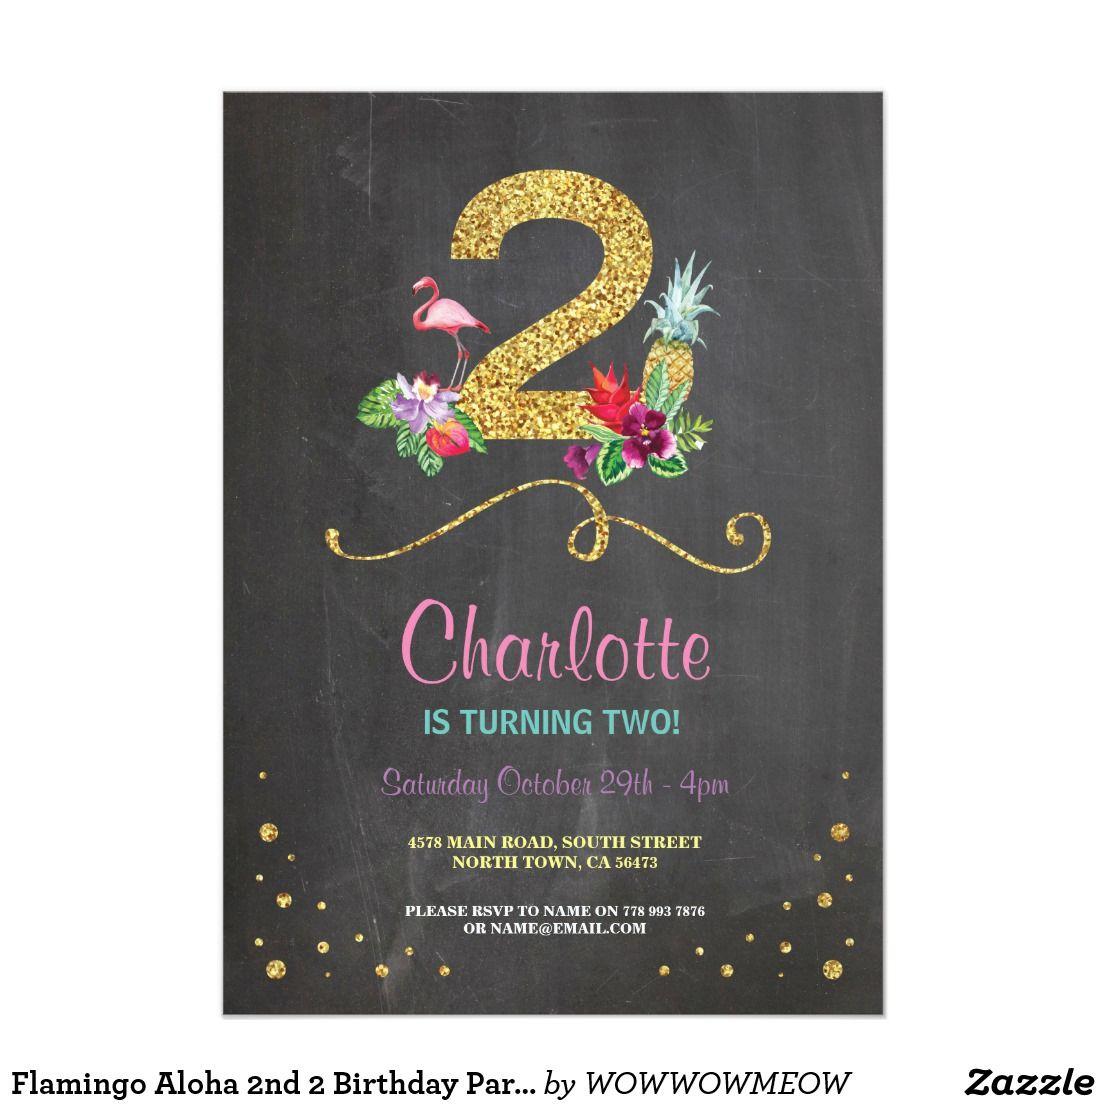 Flamingo Aloha 2nd 2 Birthday Party Chalk Invite Flamingo And